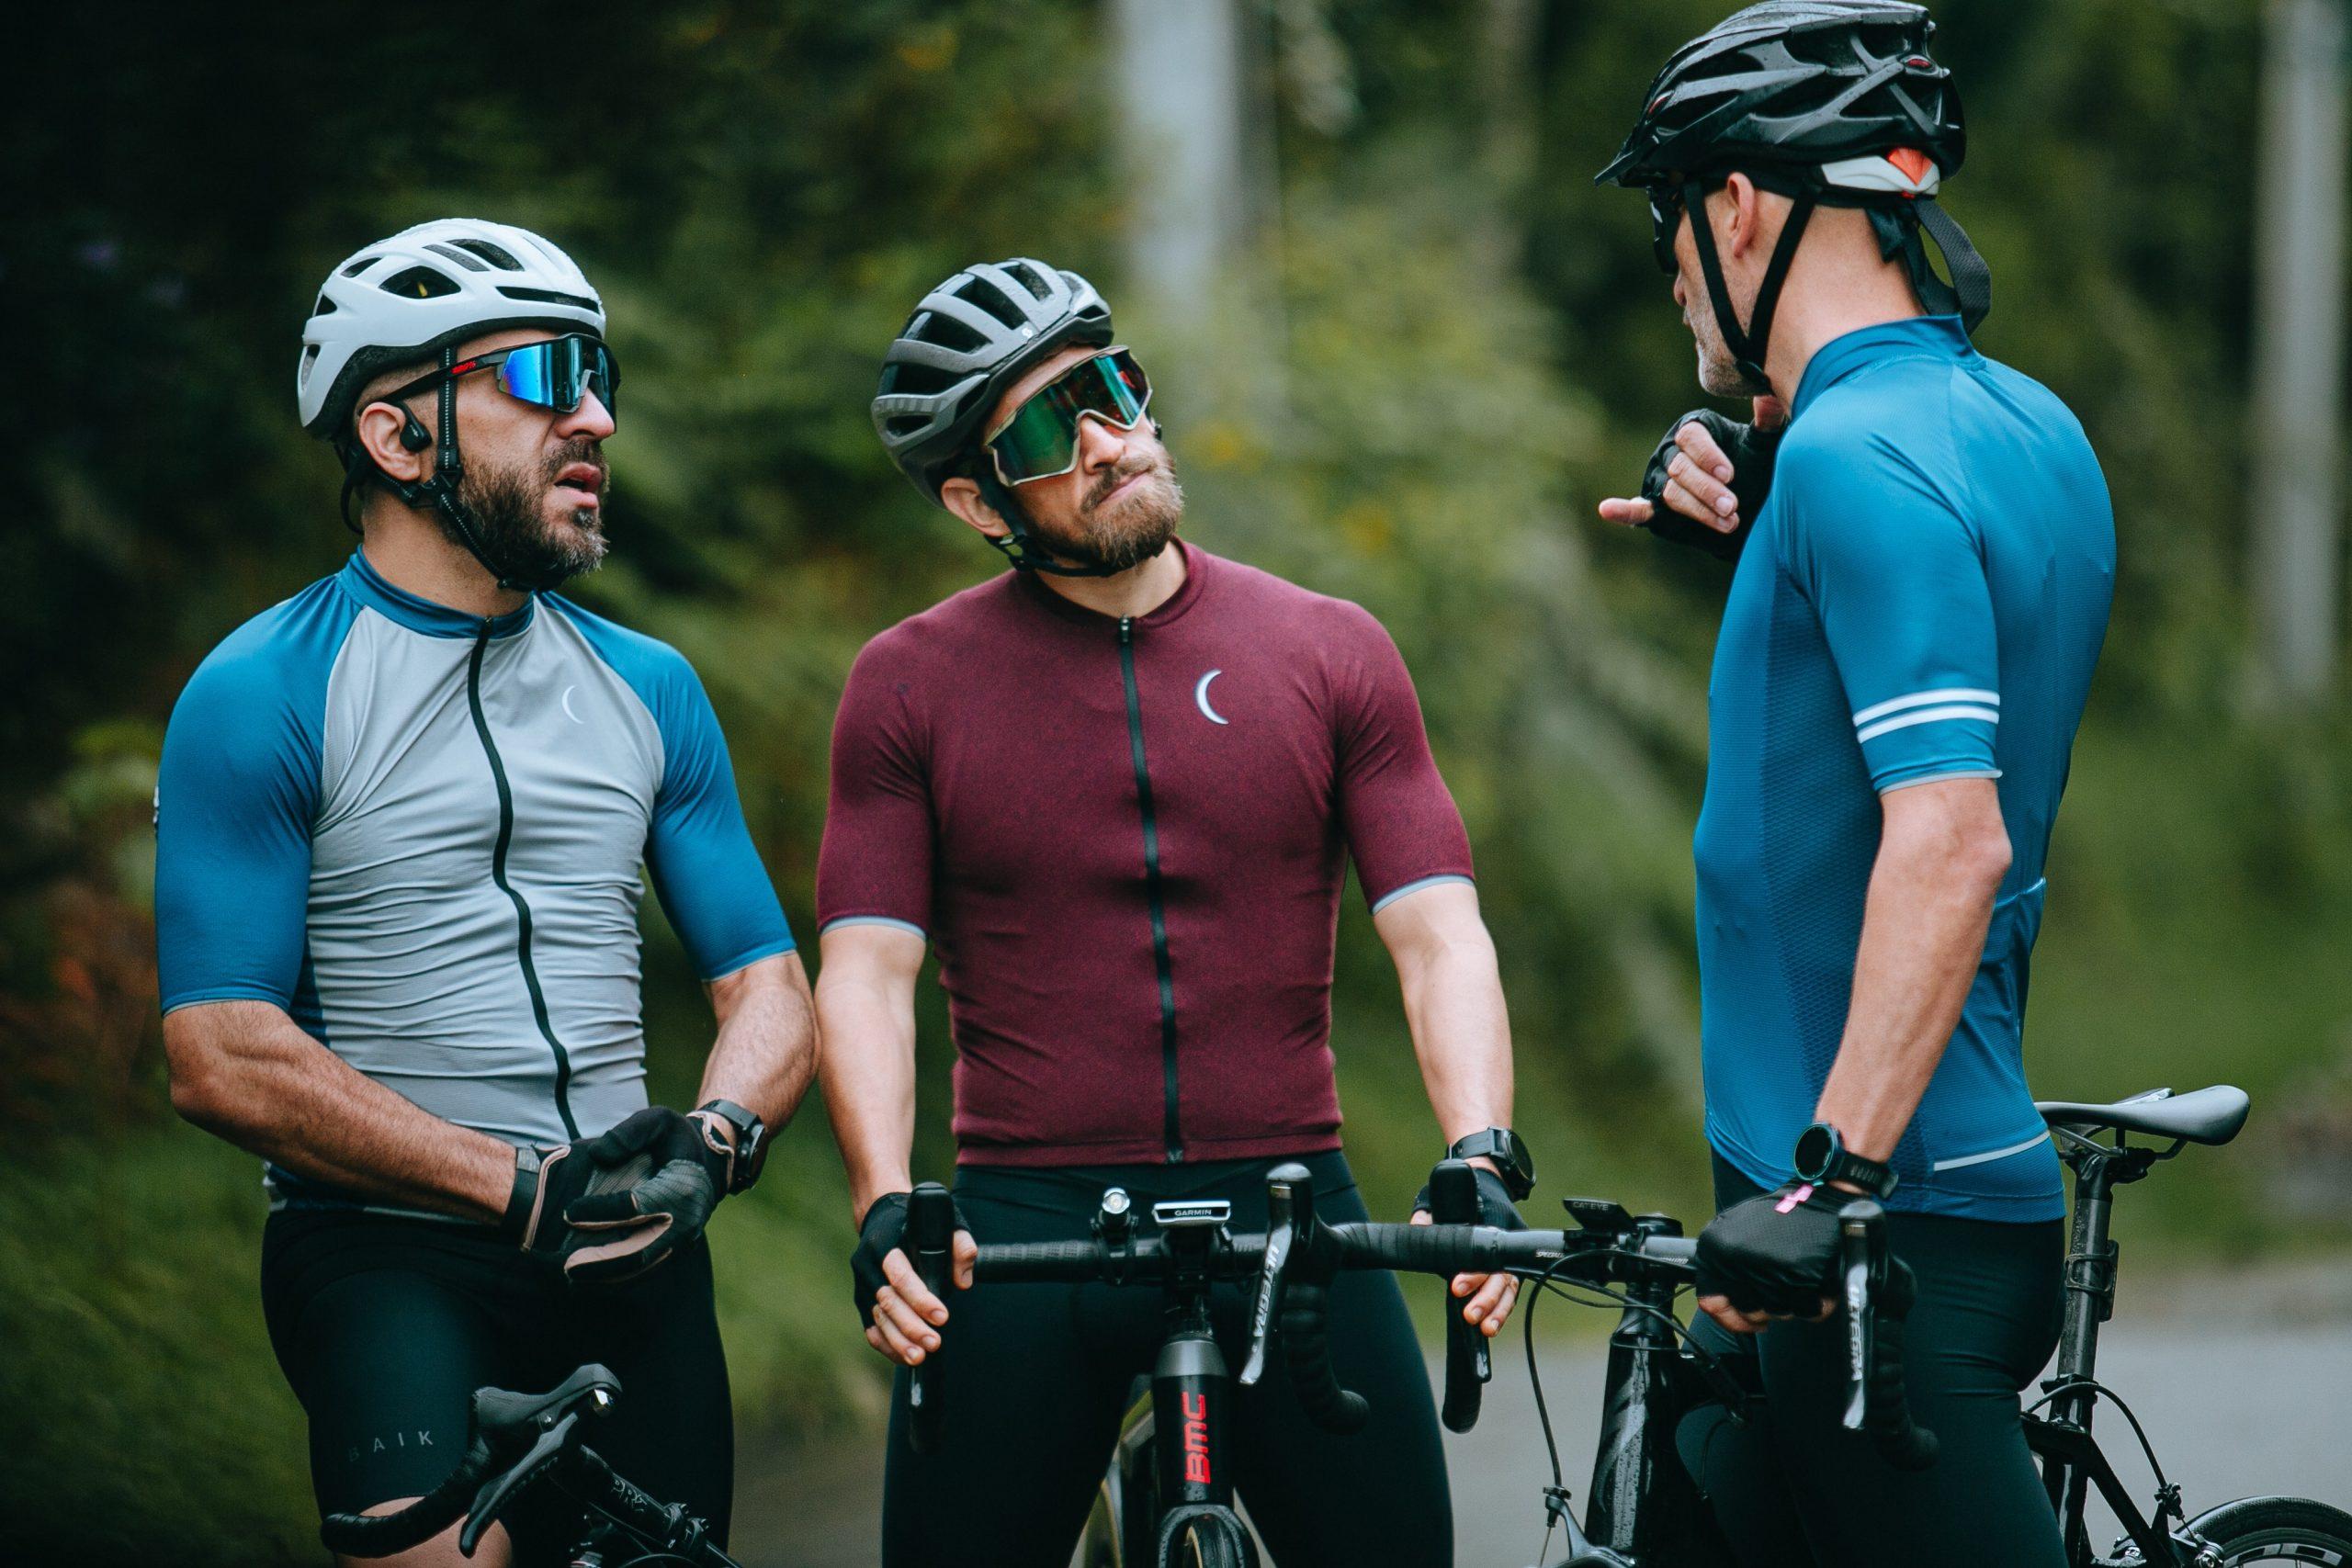 três ciclistas parados em cima da bicicleta conversando. Todos estão com óculos de ciclismo.